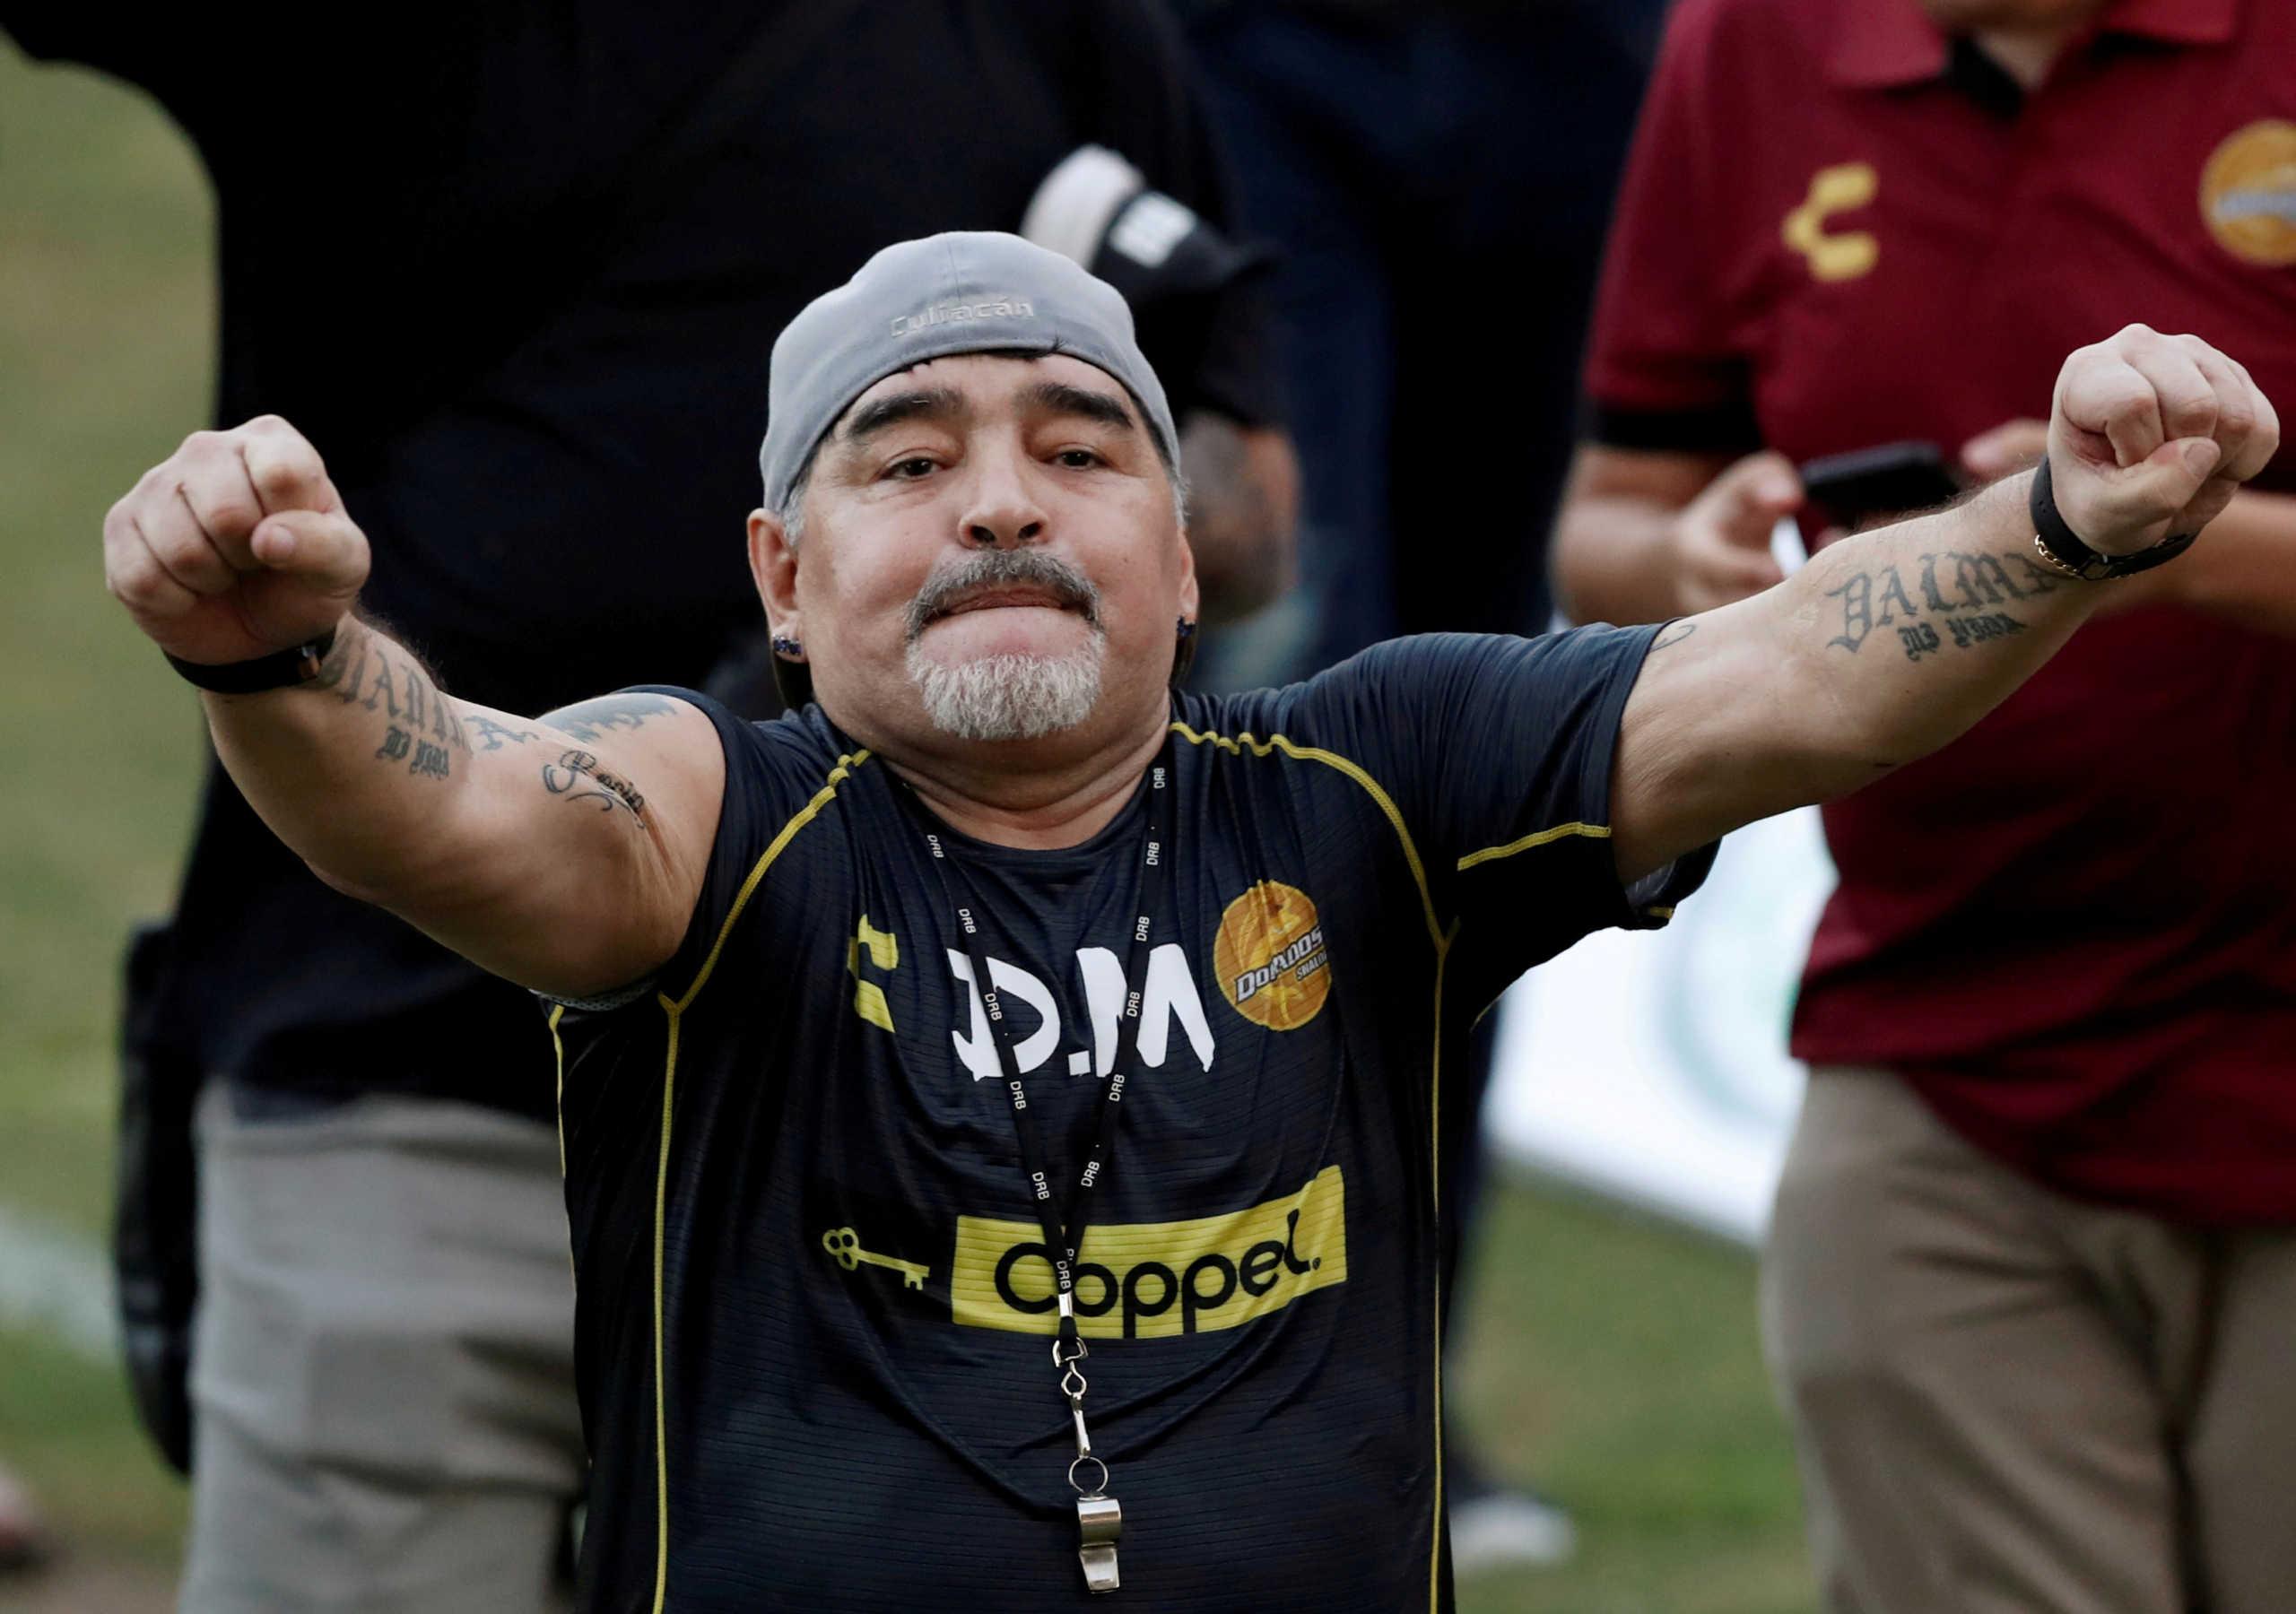 Σοκαριστική δήλωση για Ντιέγκο Μαραντόνα: «Τον σκότωσαν»